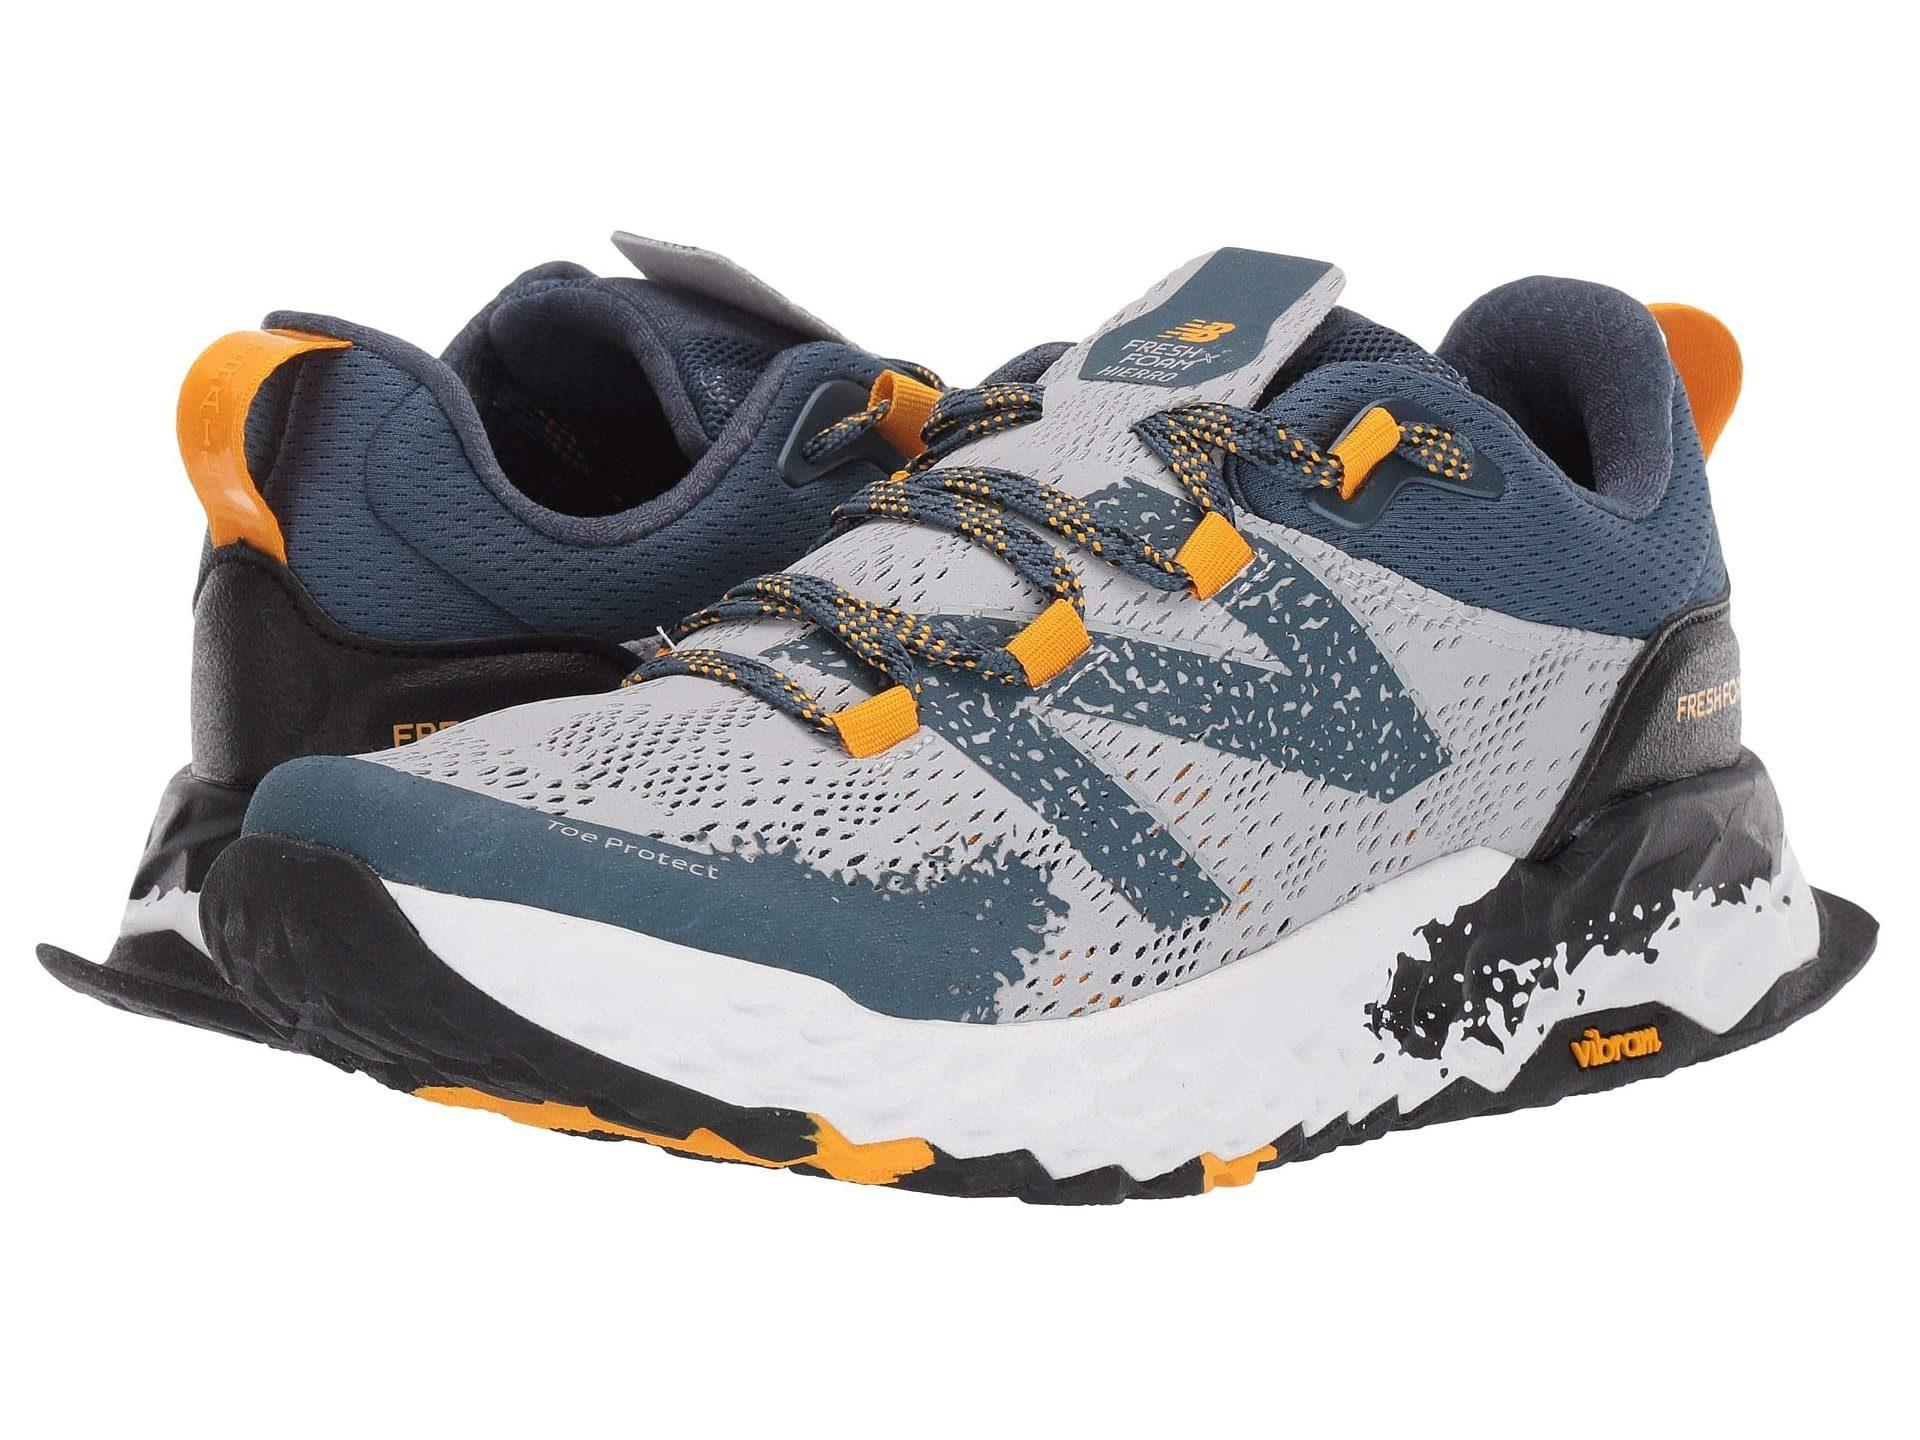 New Balance Fresh Foam Hierro v5 trail shoes